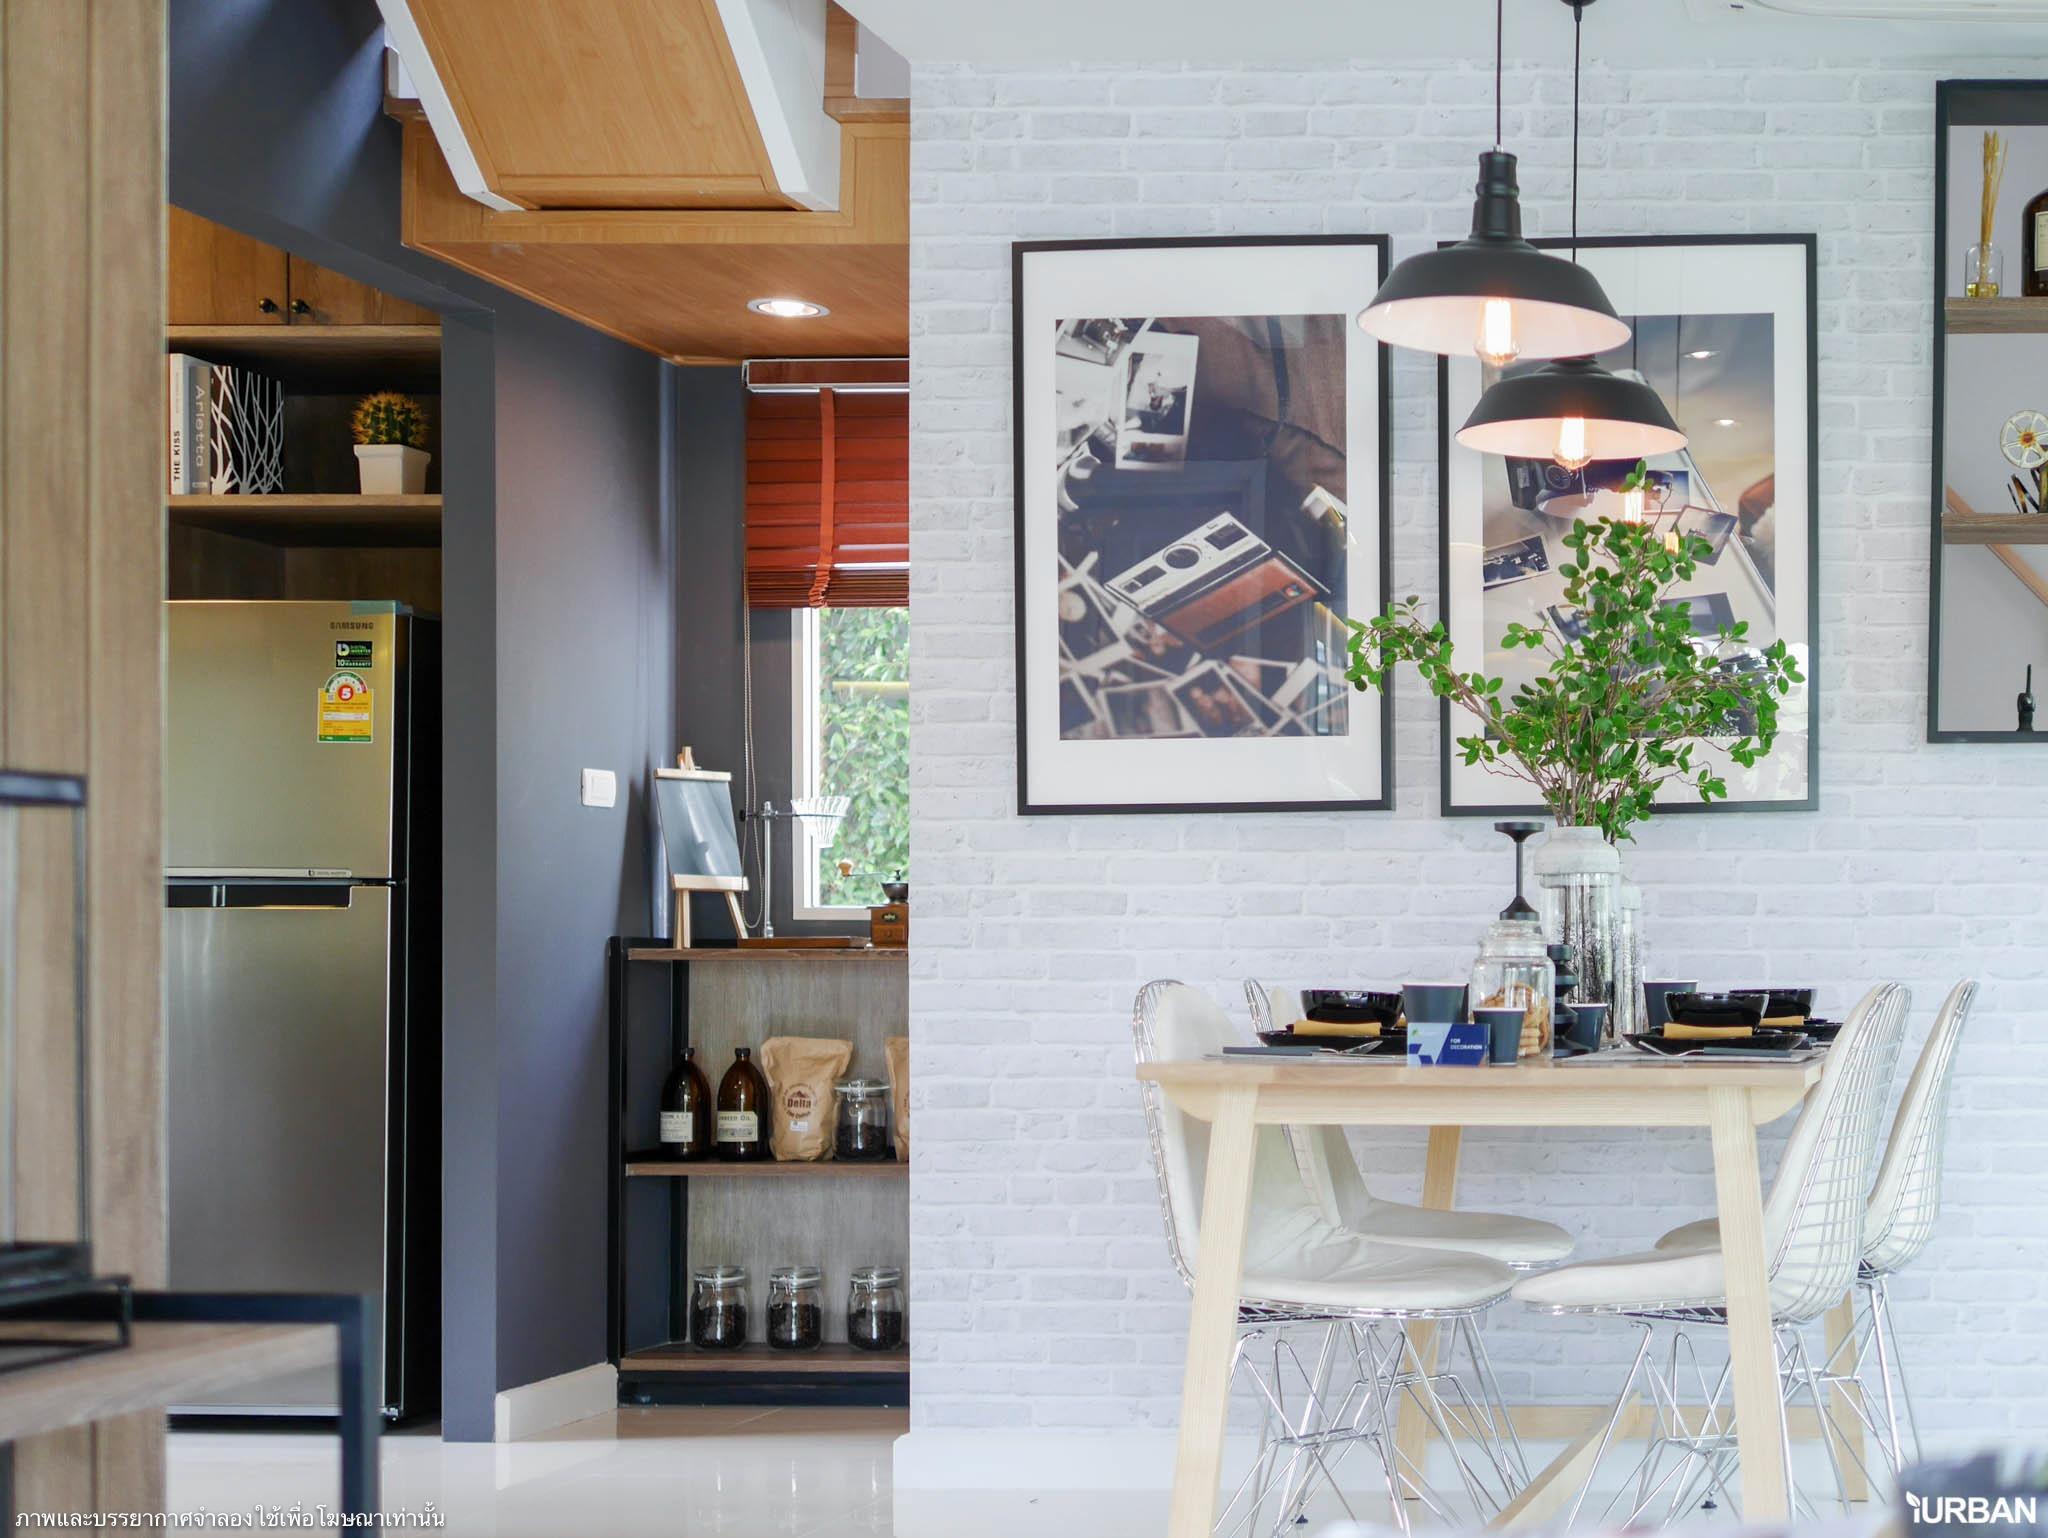 The Plant เทพารักษ์-บางนา ชมบ้านตัวอย่างและรีวิวโครงการ บ้านเดี่ยวดีไซน์สวย ทำเลดีใกล้ห้างและตลาด เริ่ม 3.8 ล้าน 37 - Megabangna (เมกาบางนา)